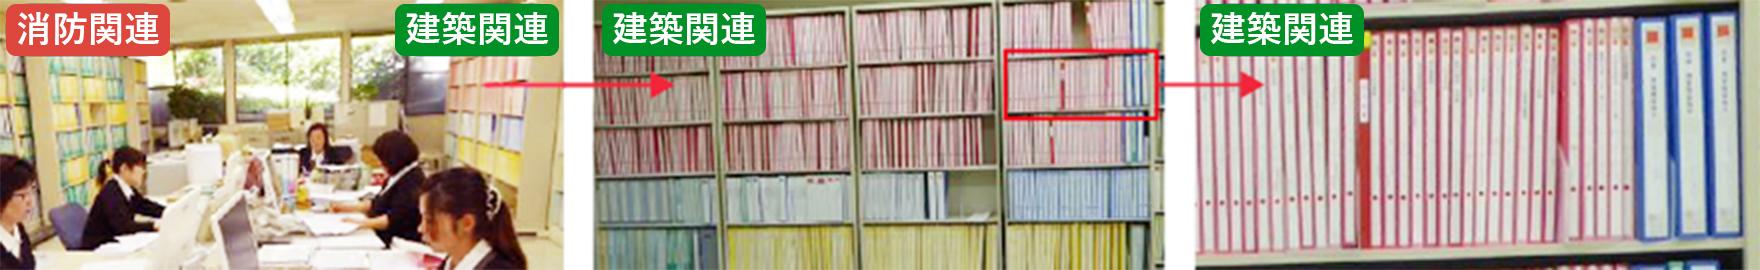 建築関連報告書・管理キャビネット